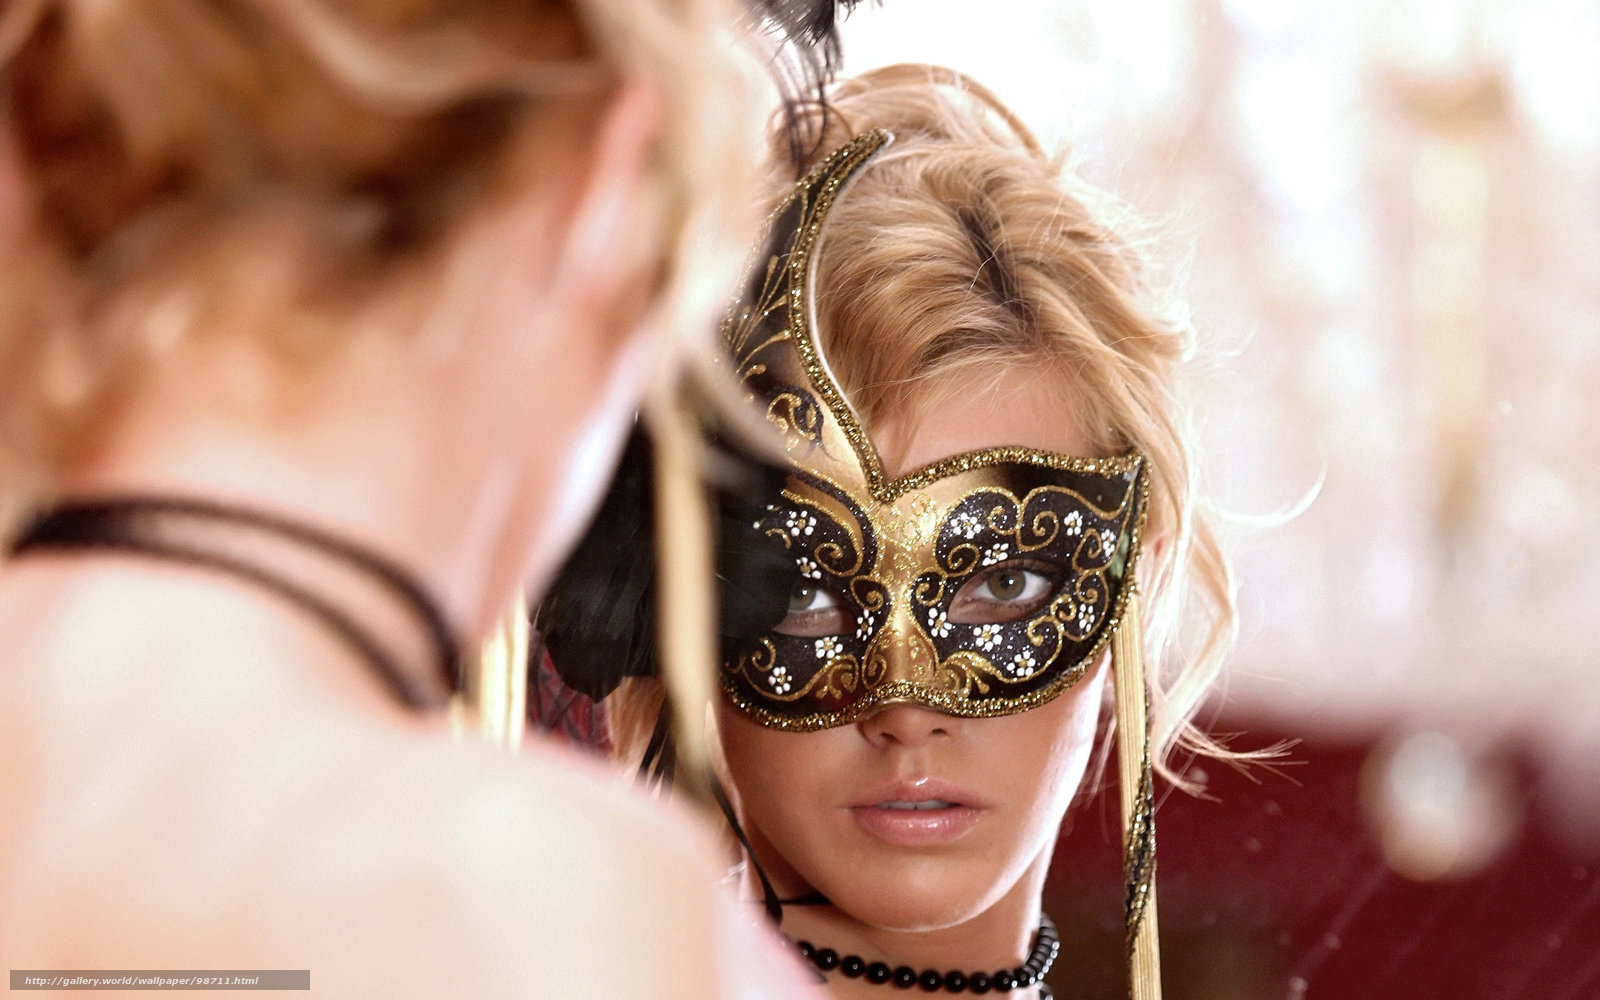 Девушка, зеркало, маска, отражение, бусы фото.